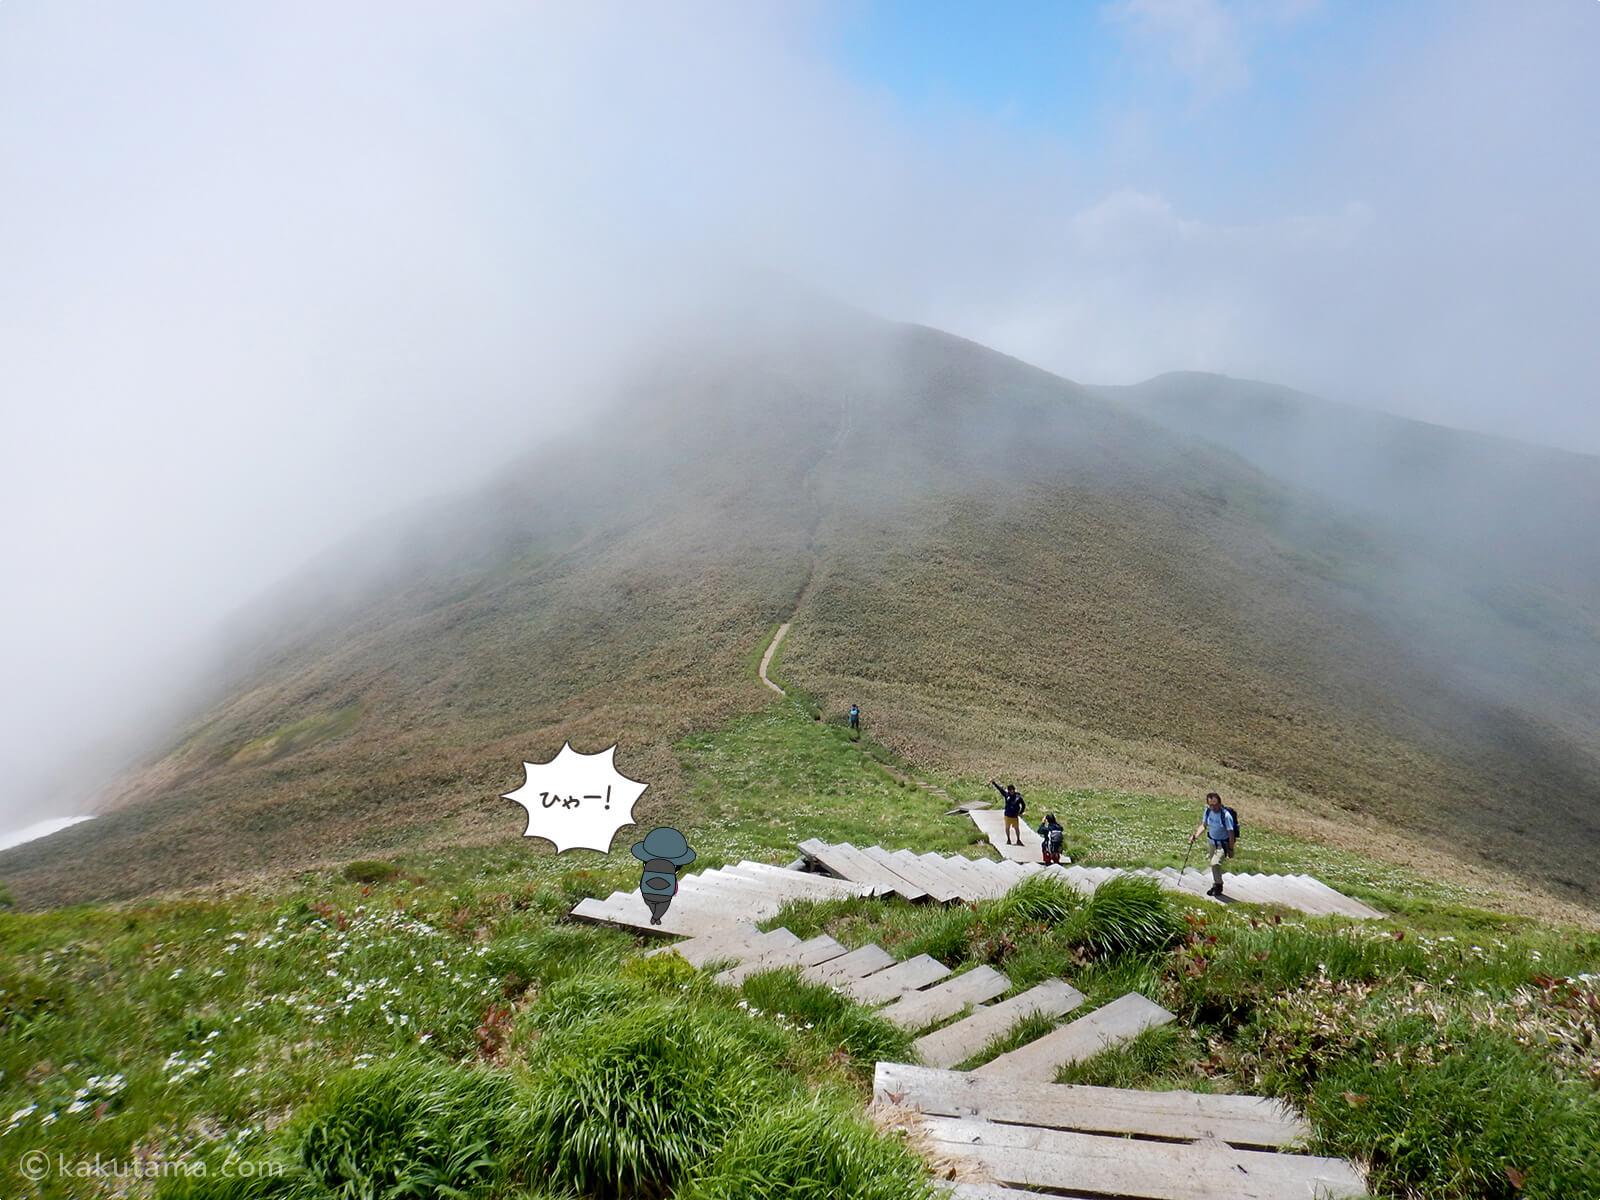 仙ノ倉山からの眺め